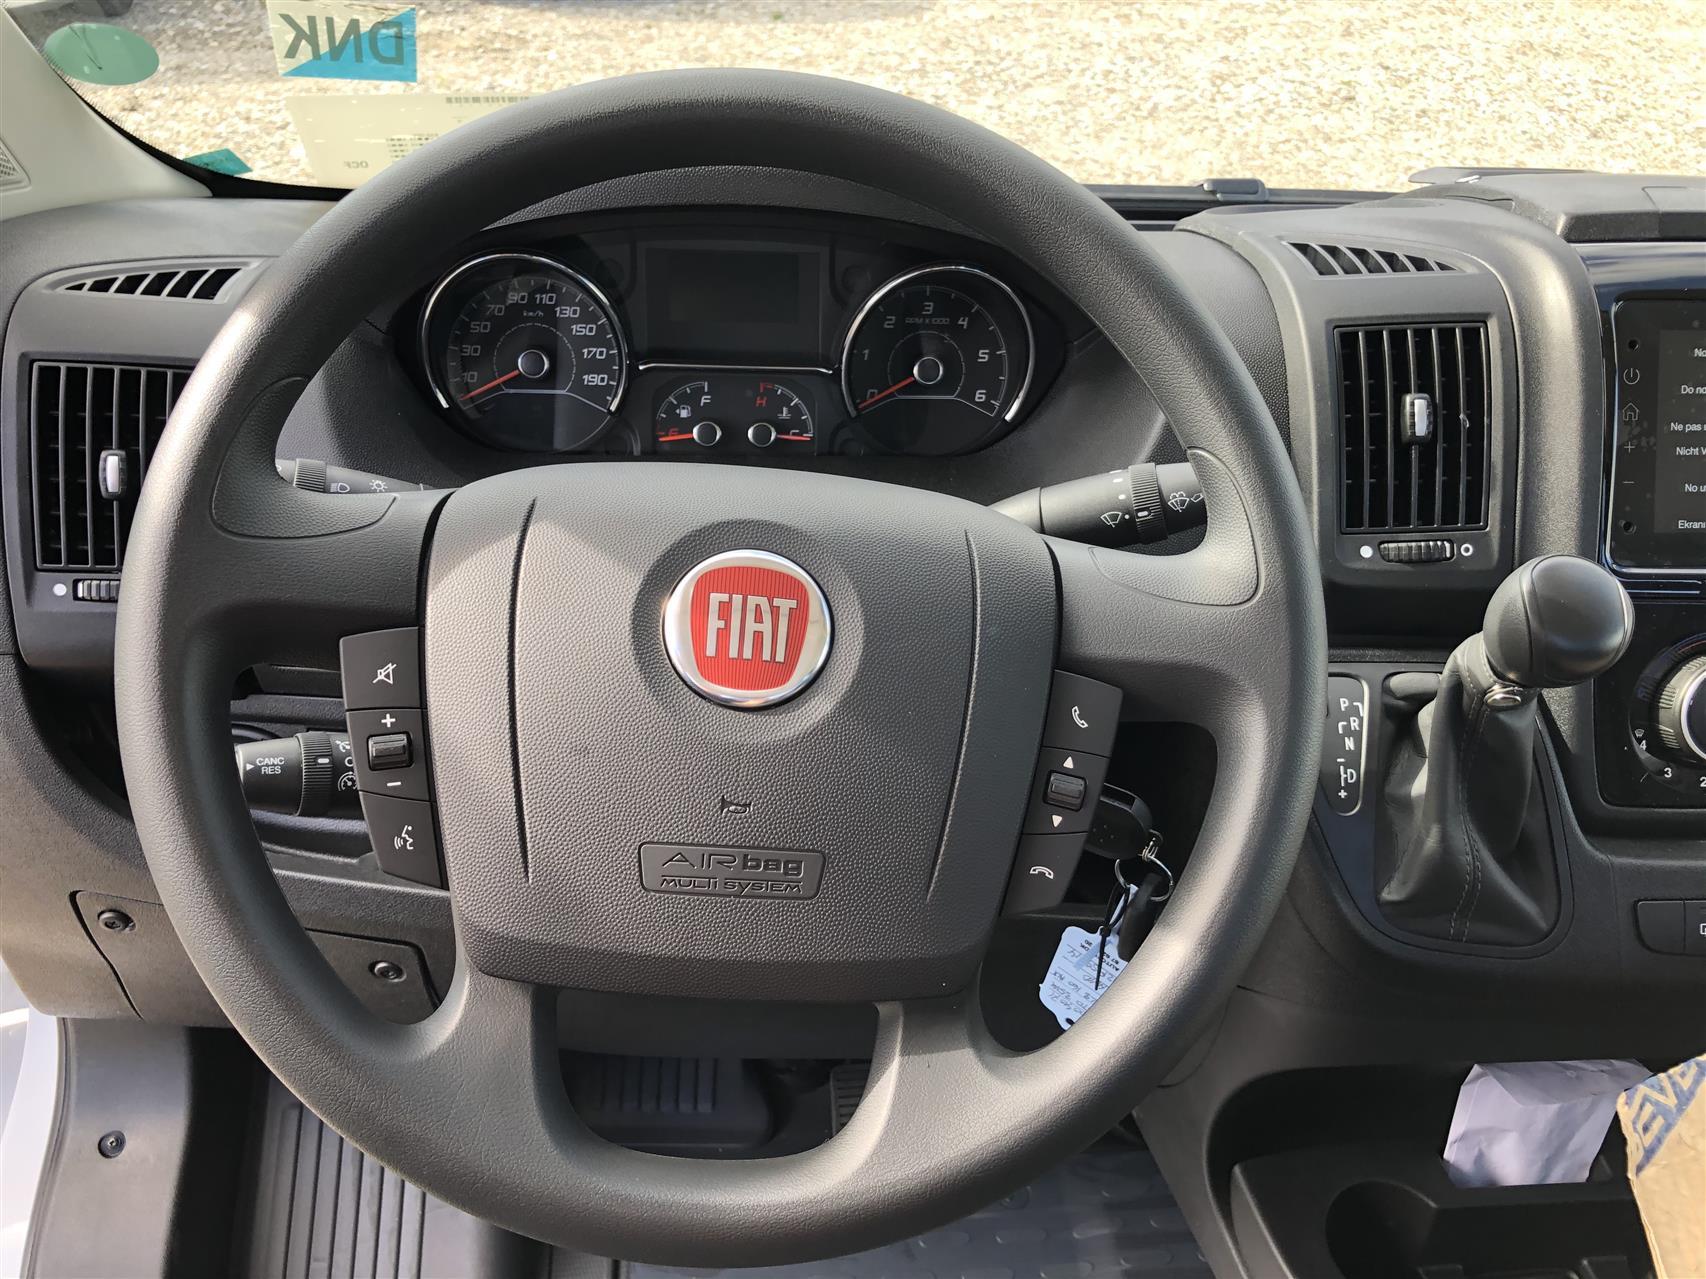 Billede af Fiat Ducato 35 L3H2 2,3 MJT Professional Plus - 9trins automatik 140HK Van